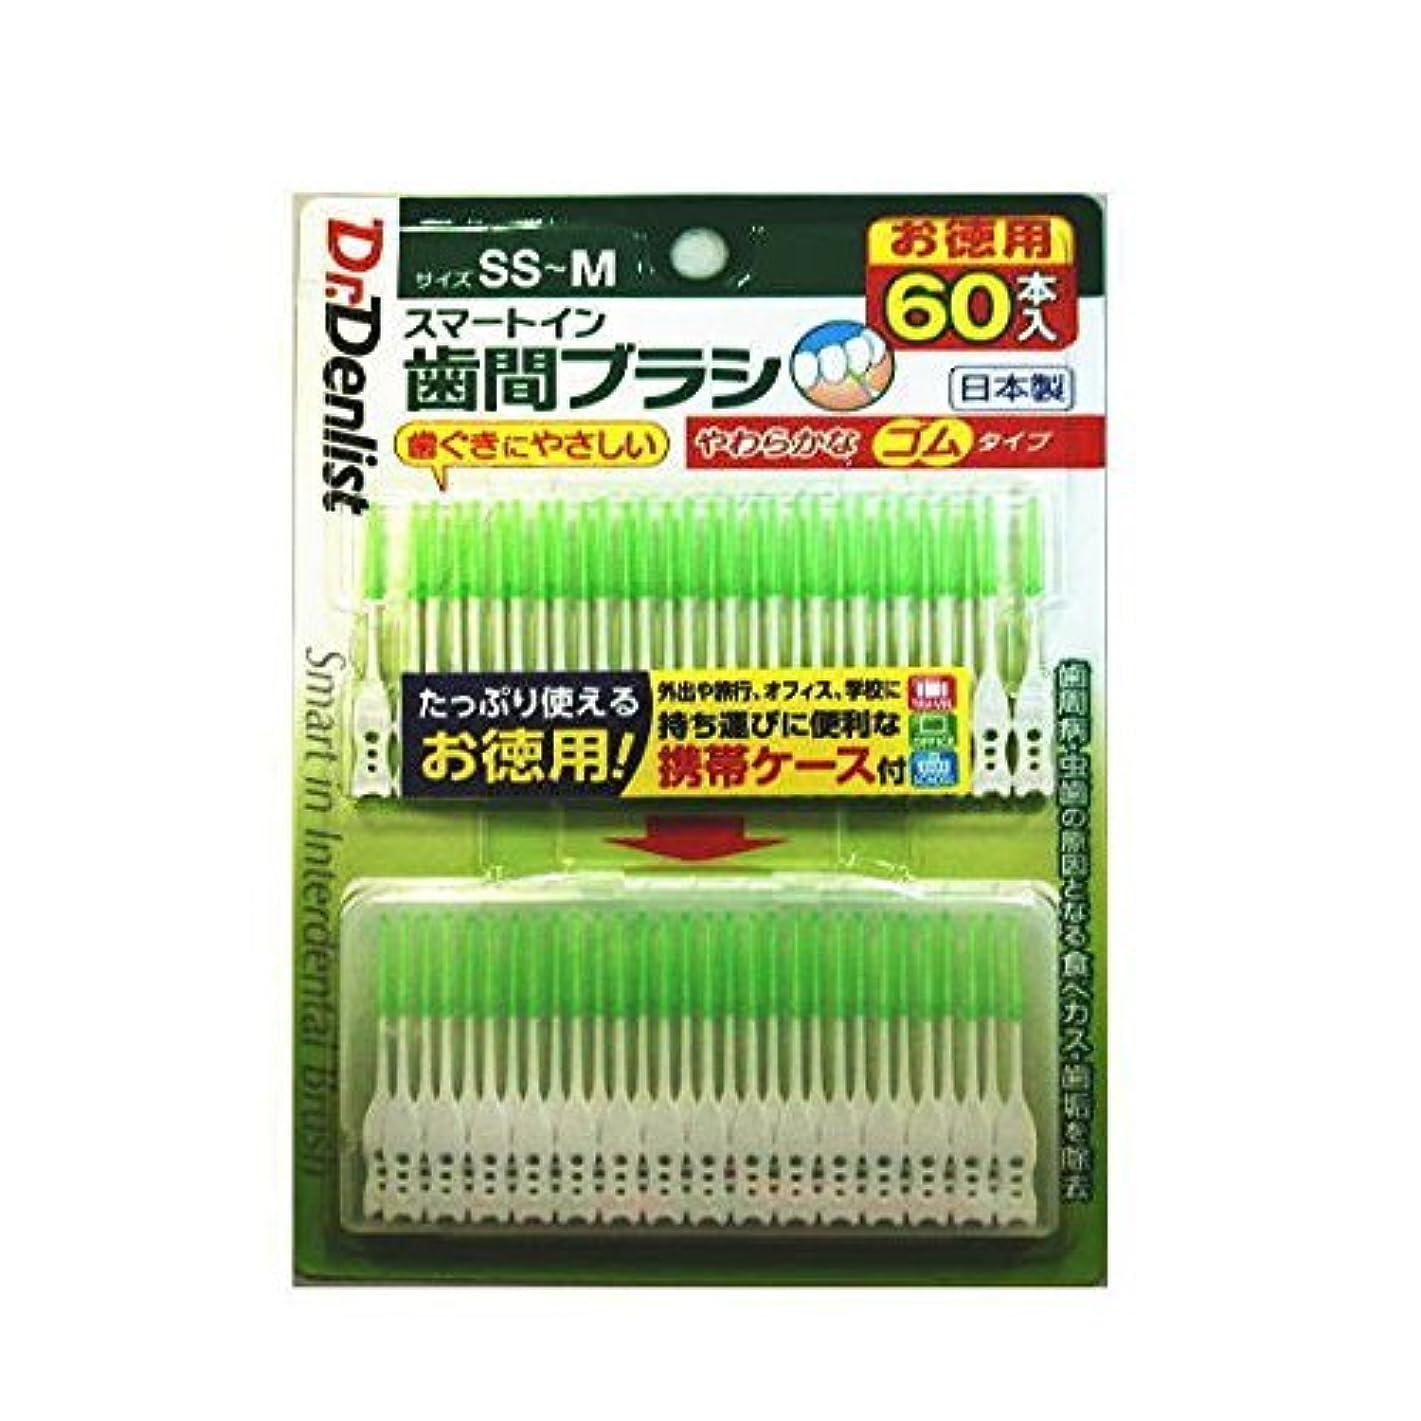 廃止する教授びっくりする歯間ブラシ スマートイン 60本入 お徳用 やわらかなゴムタイプ